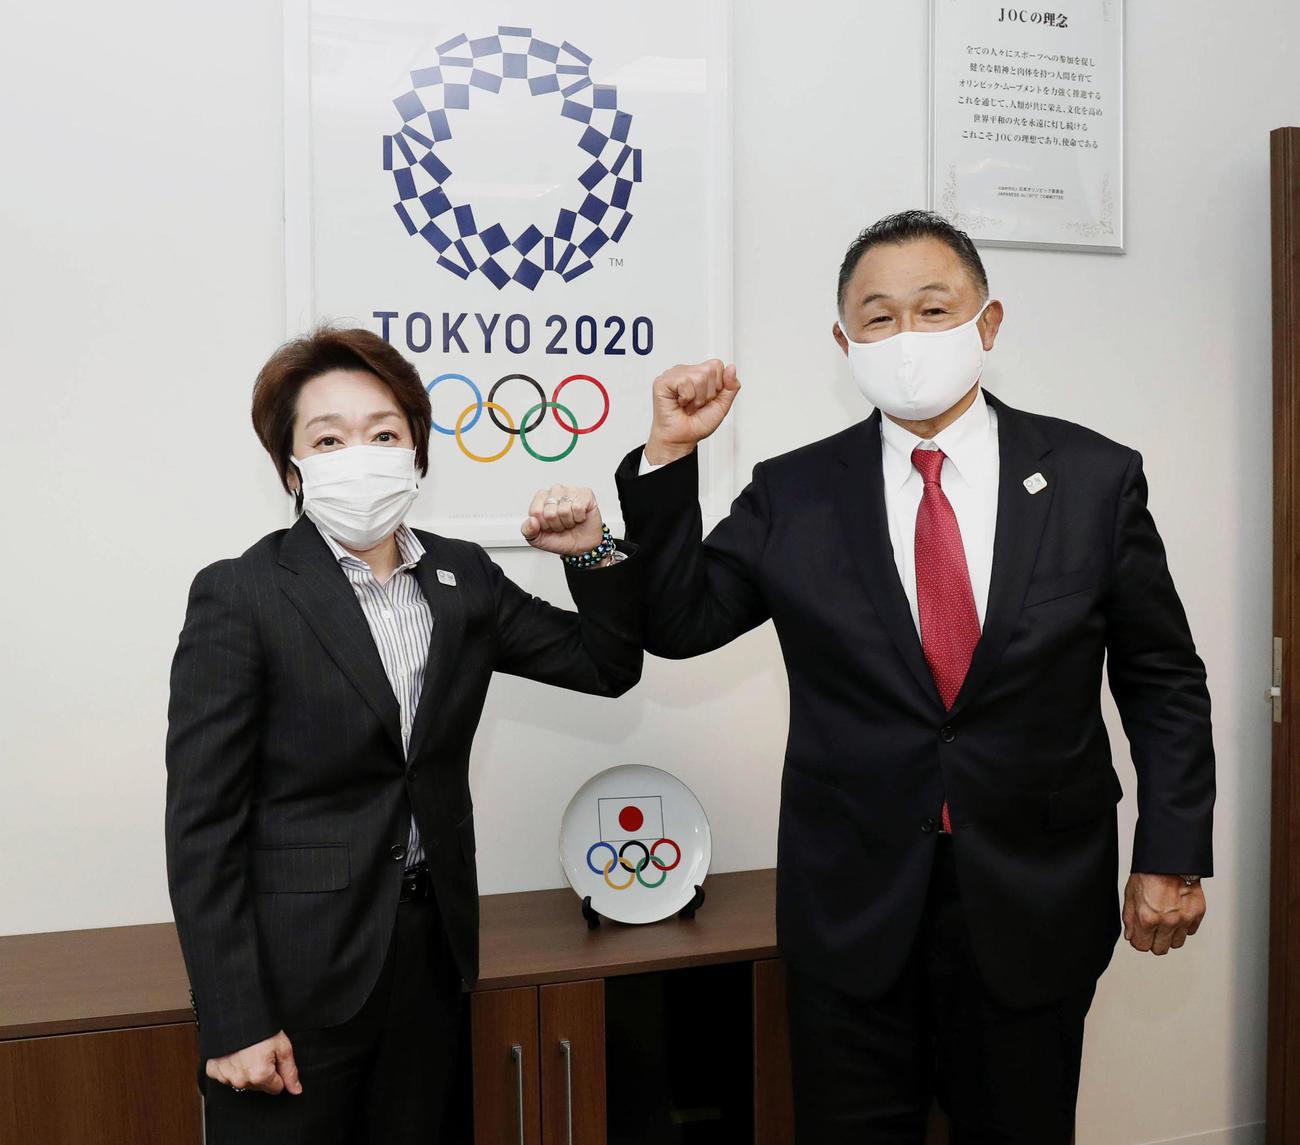 東京五輪・パラリンピック組織委員会の橋本聖子会長(左)と面会するJOCの山下泰裕会長(JOC提供)